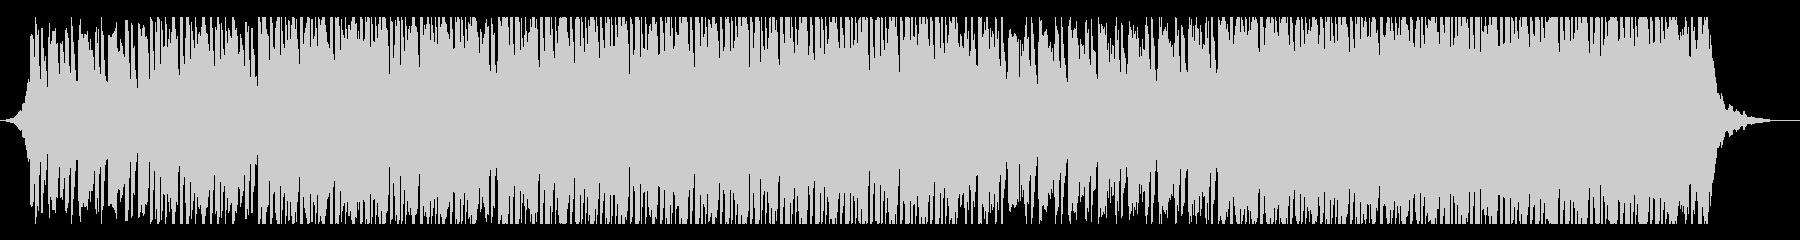 元気アップビートポップ(55秒)の未再生の波形